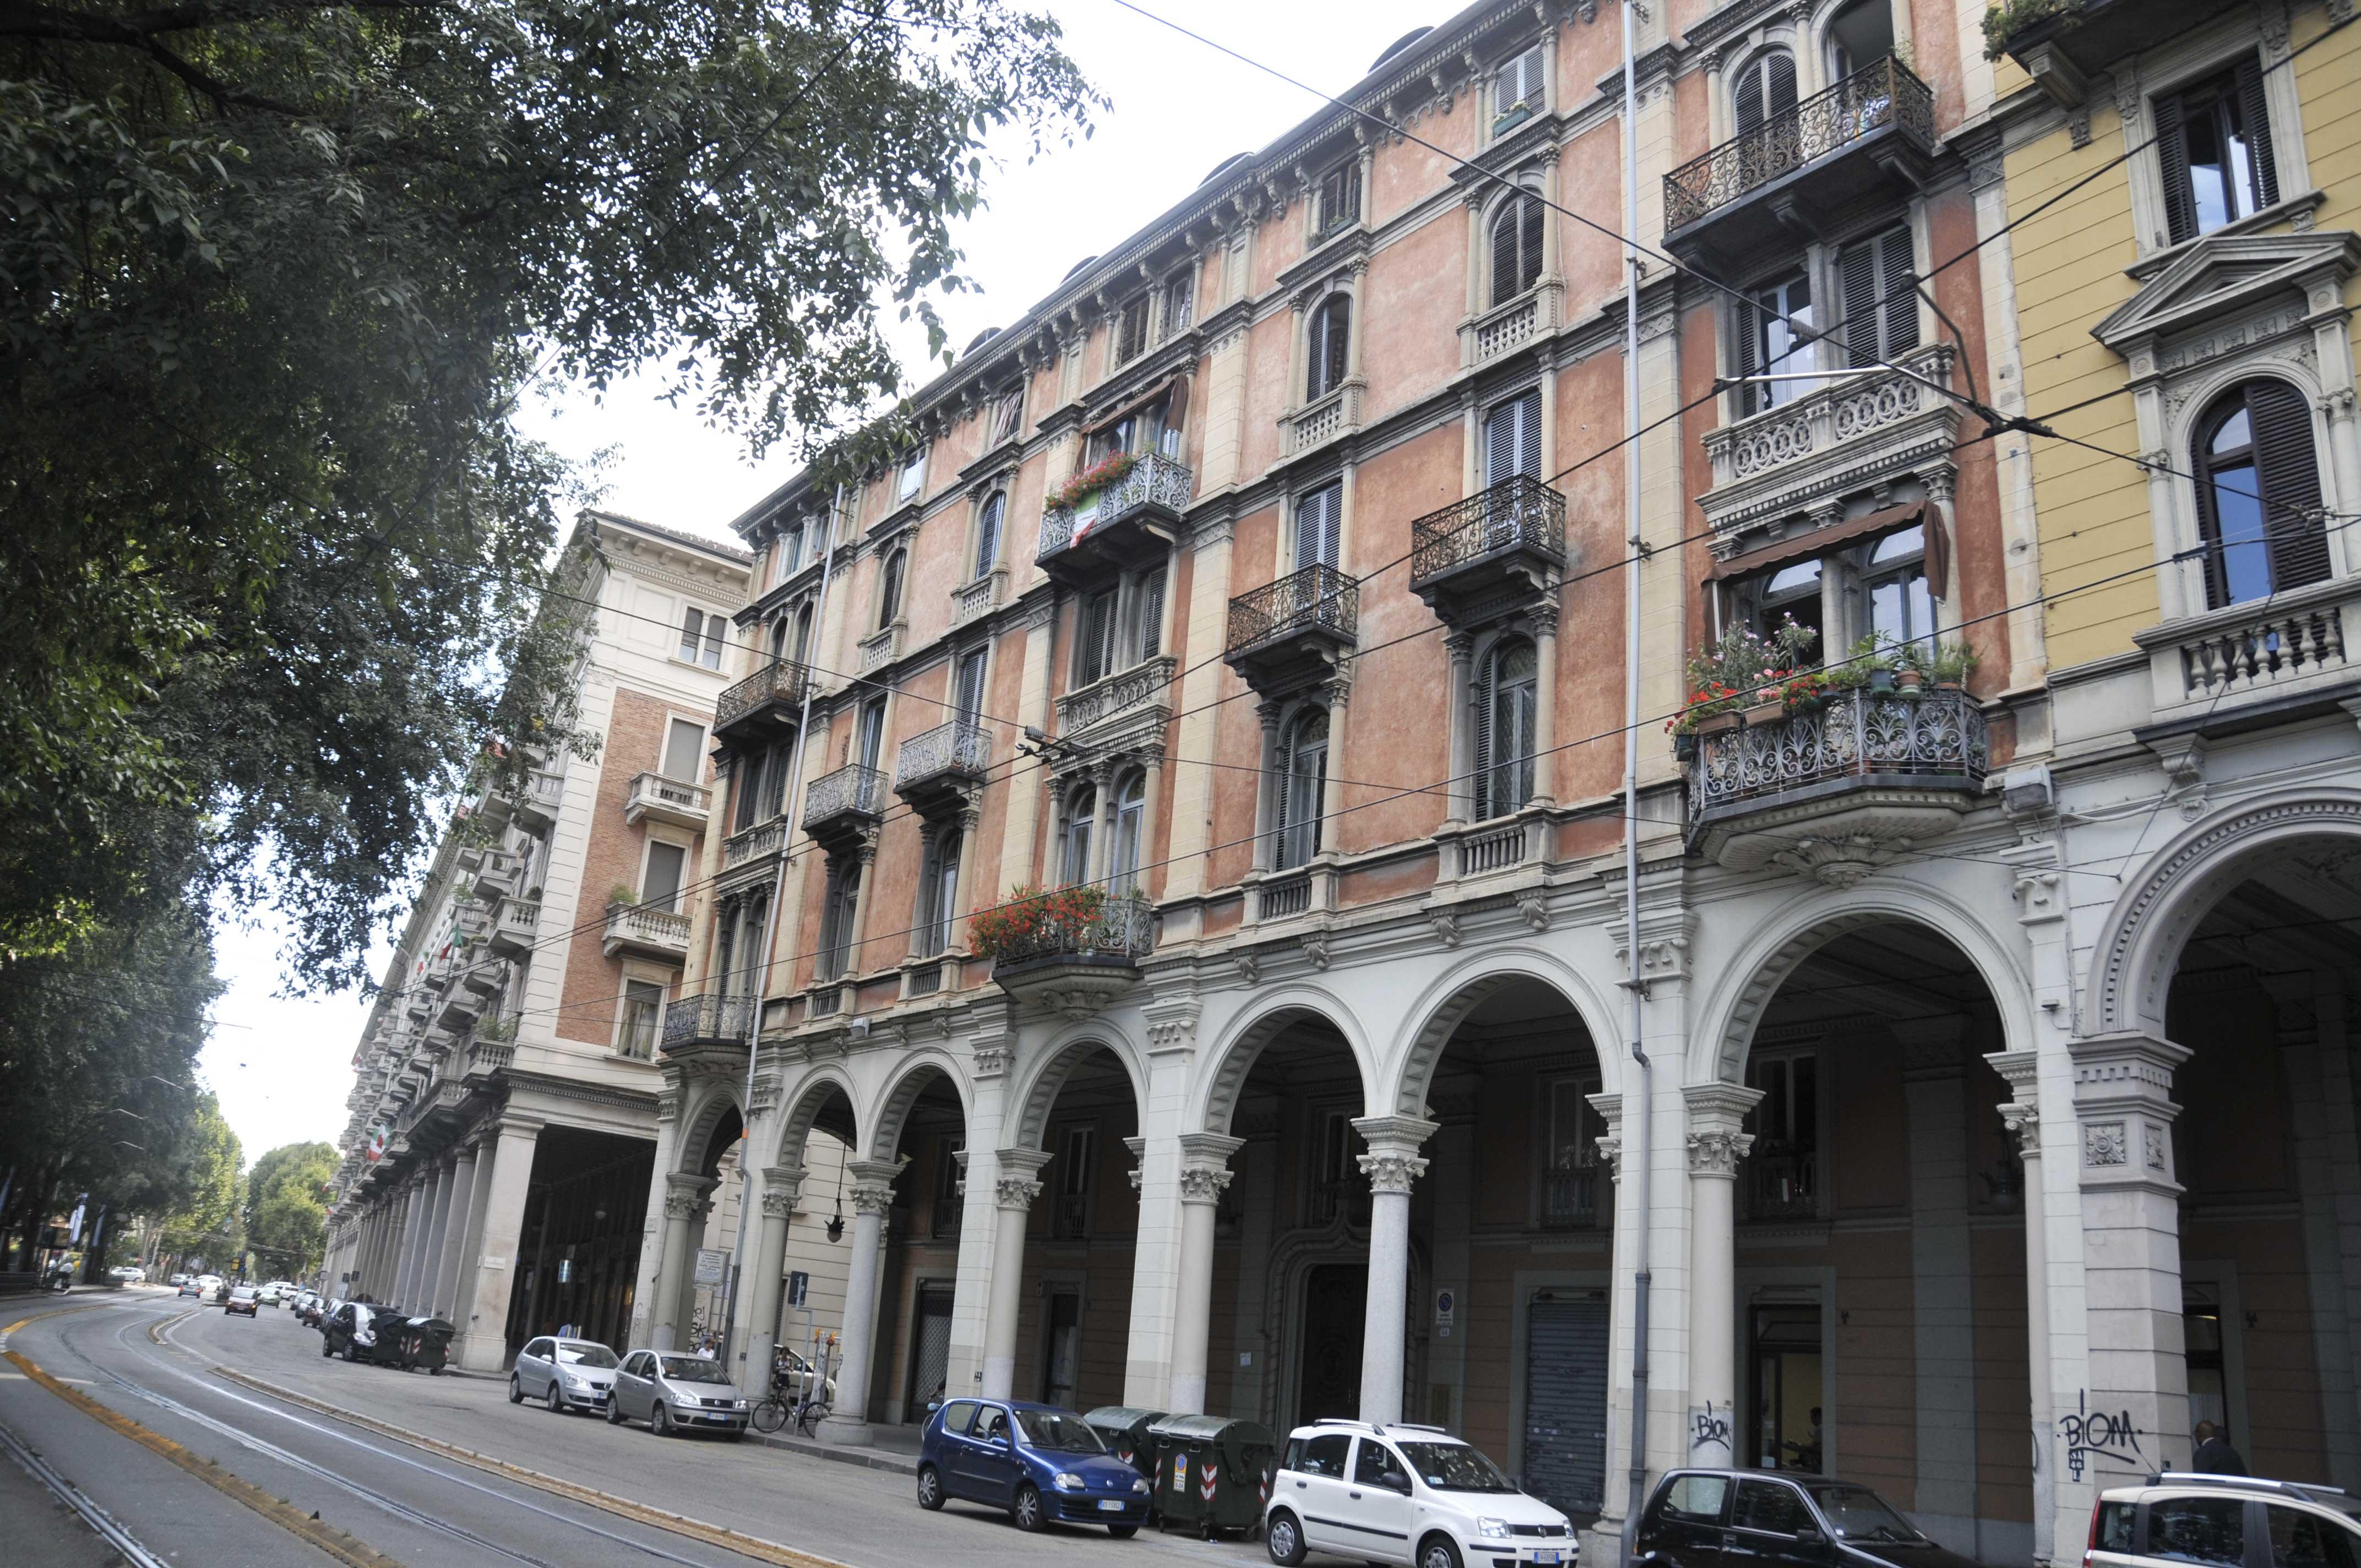 Vista su strada casa crivello camere in affitto a torino for Case in affitto ad amsterdam centro